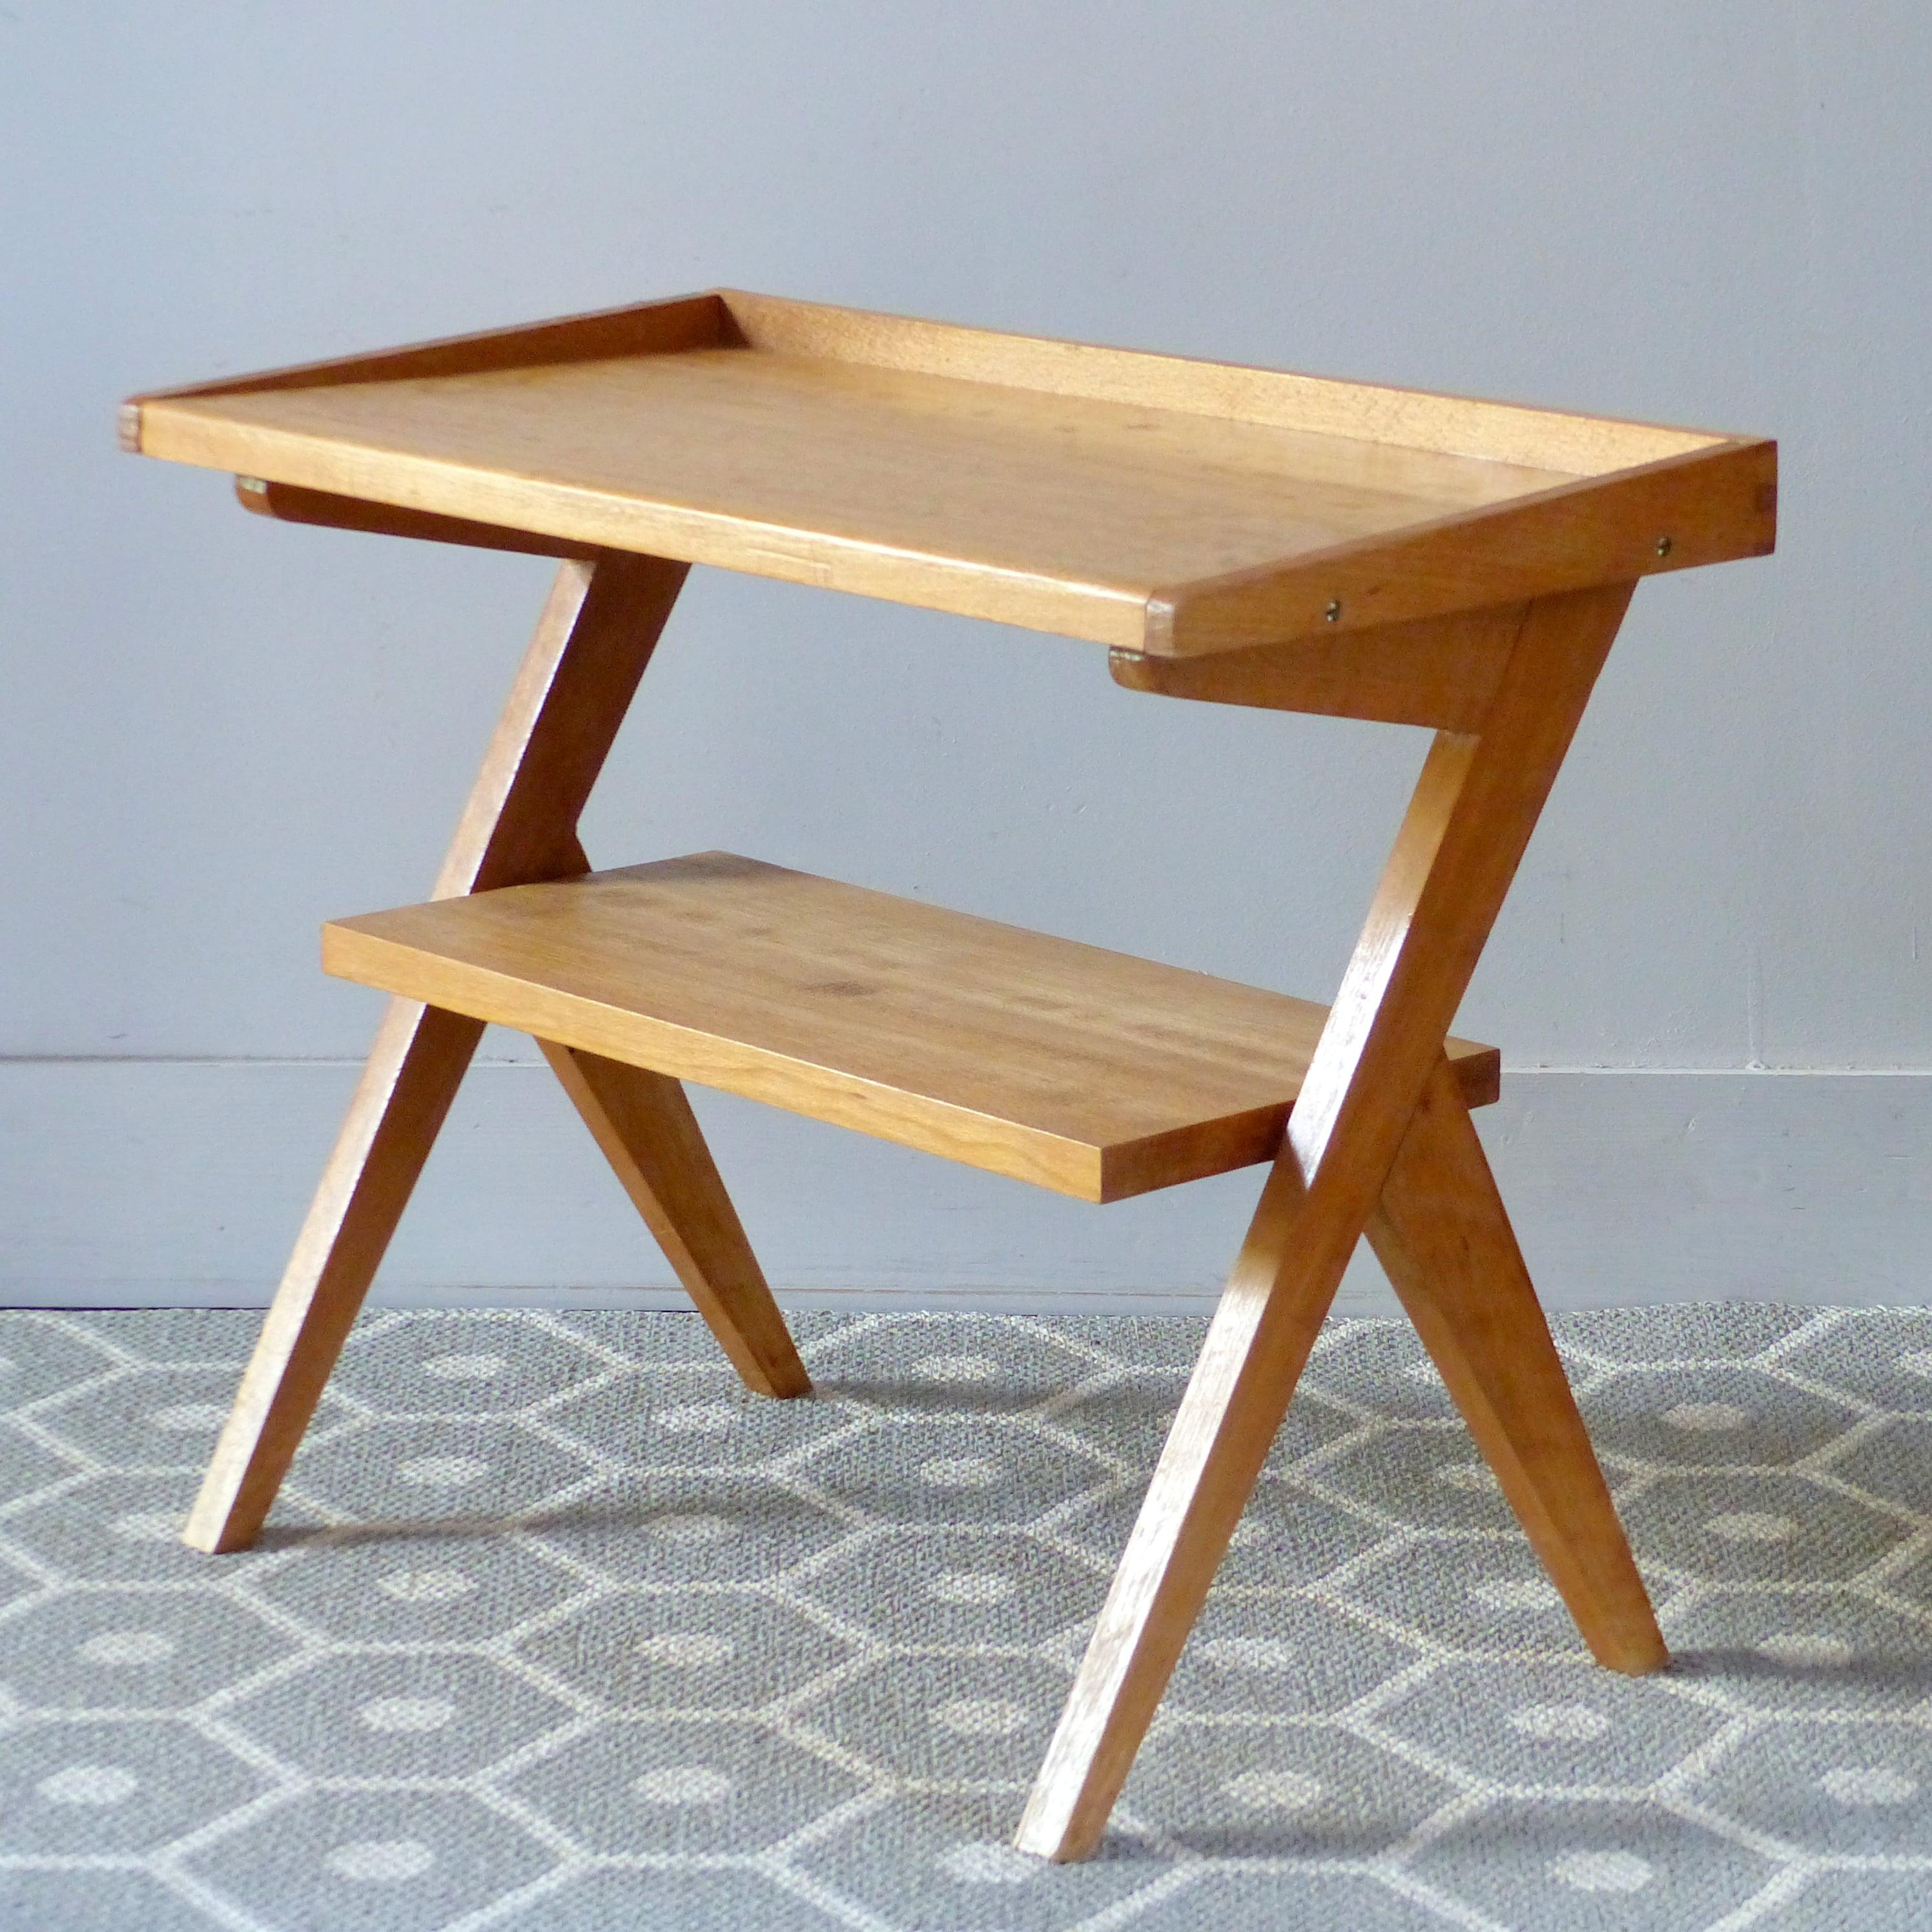 Table d 39 appoint ou chevet ann es 50 lignedebrocante brocante en ligne chine pour vous - Table pour brocante ...